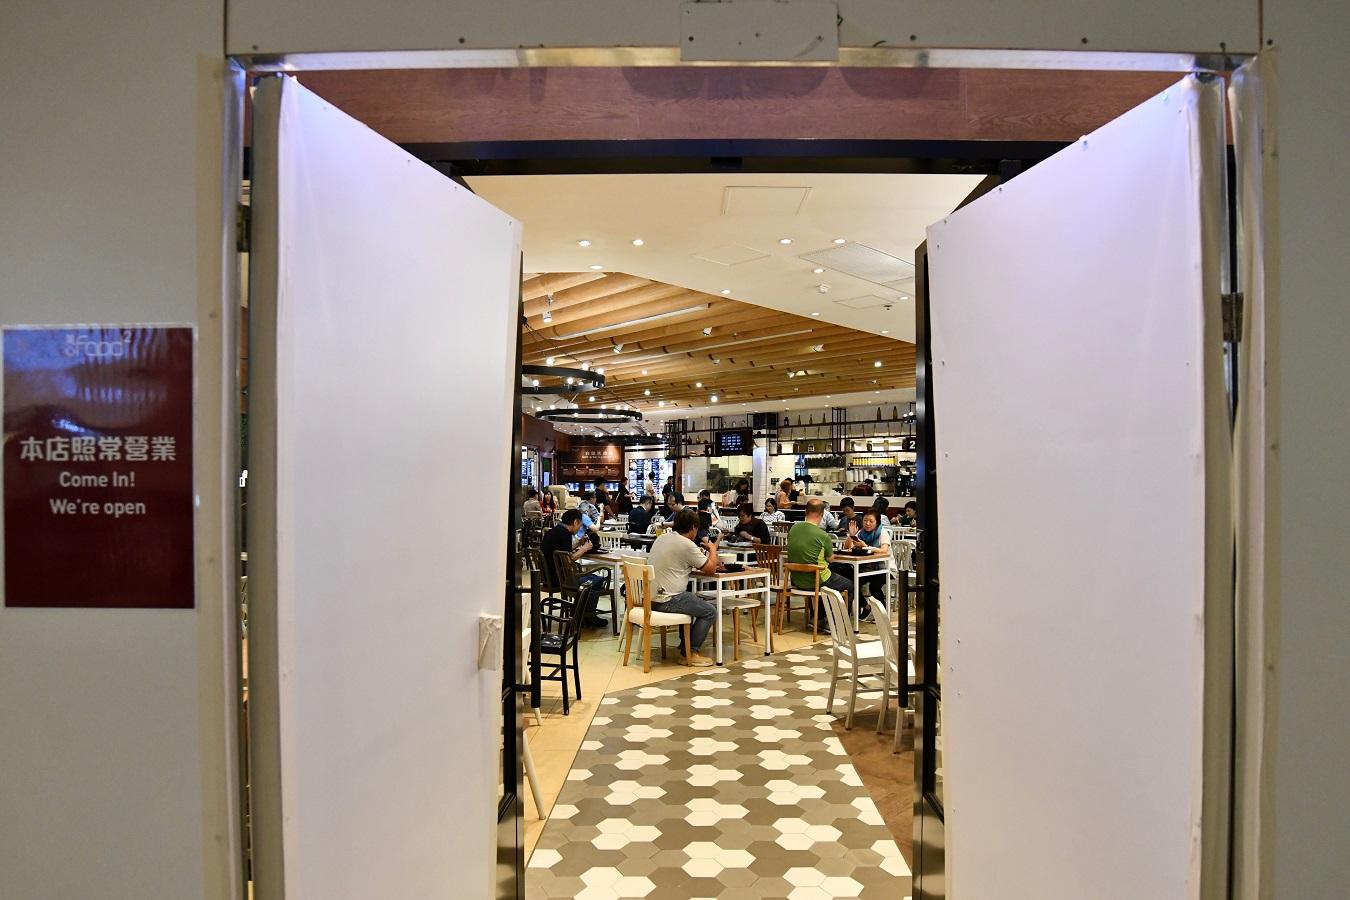 【修例风波】刘达邦料假日零售畅旺 张宇人忧农历年后有餐厅倒闭